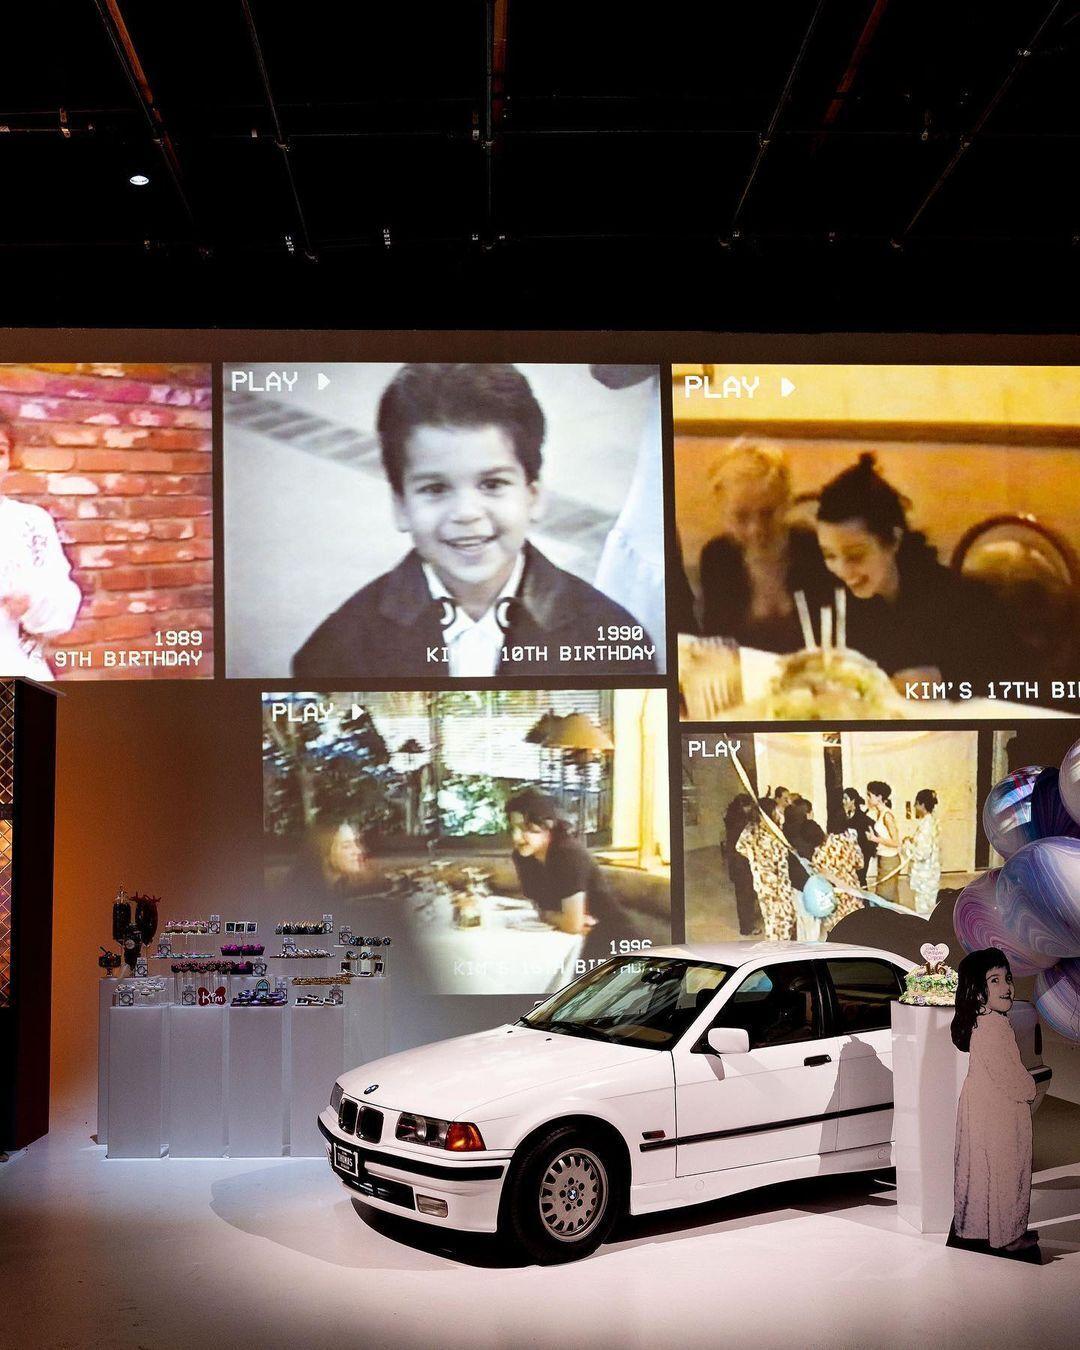 Родные подготовили видео, где собрали кадры из всех дней рождения Ким Кардашьян.